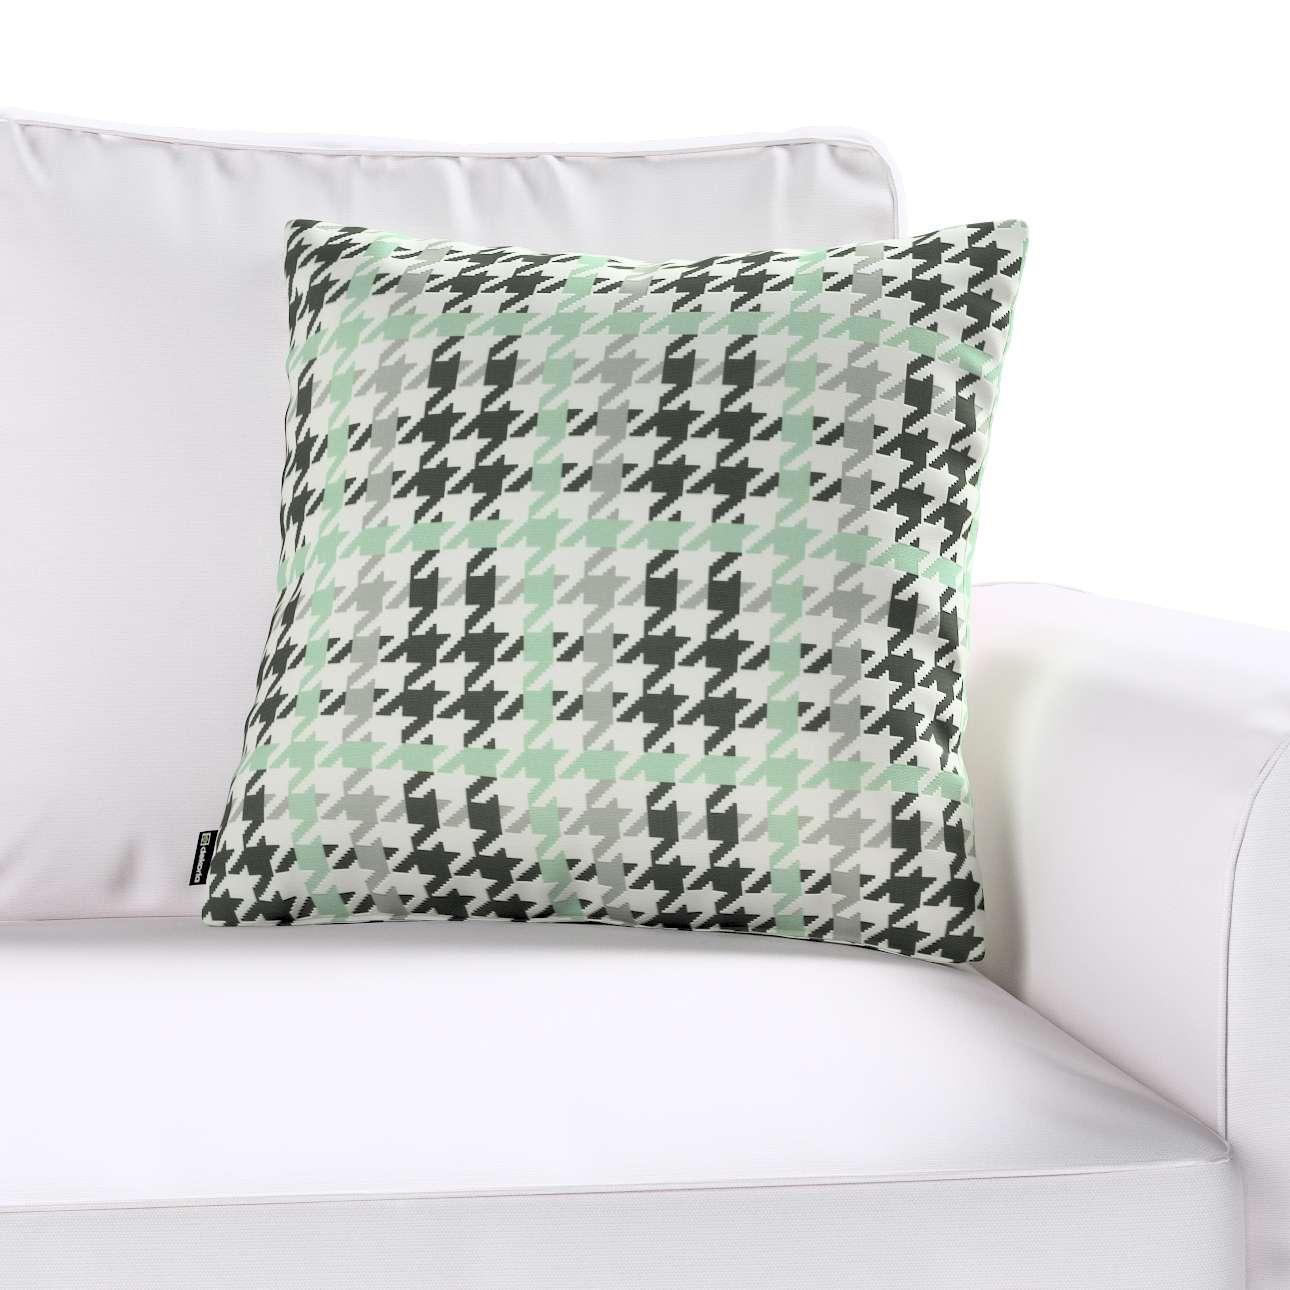 Poszewka Kinga na poduszkę w kolekcji Brooklyn, tkanina: 137-77